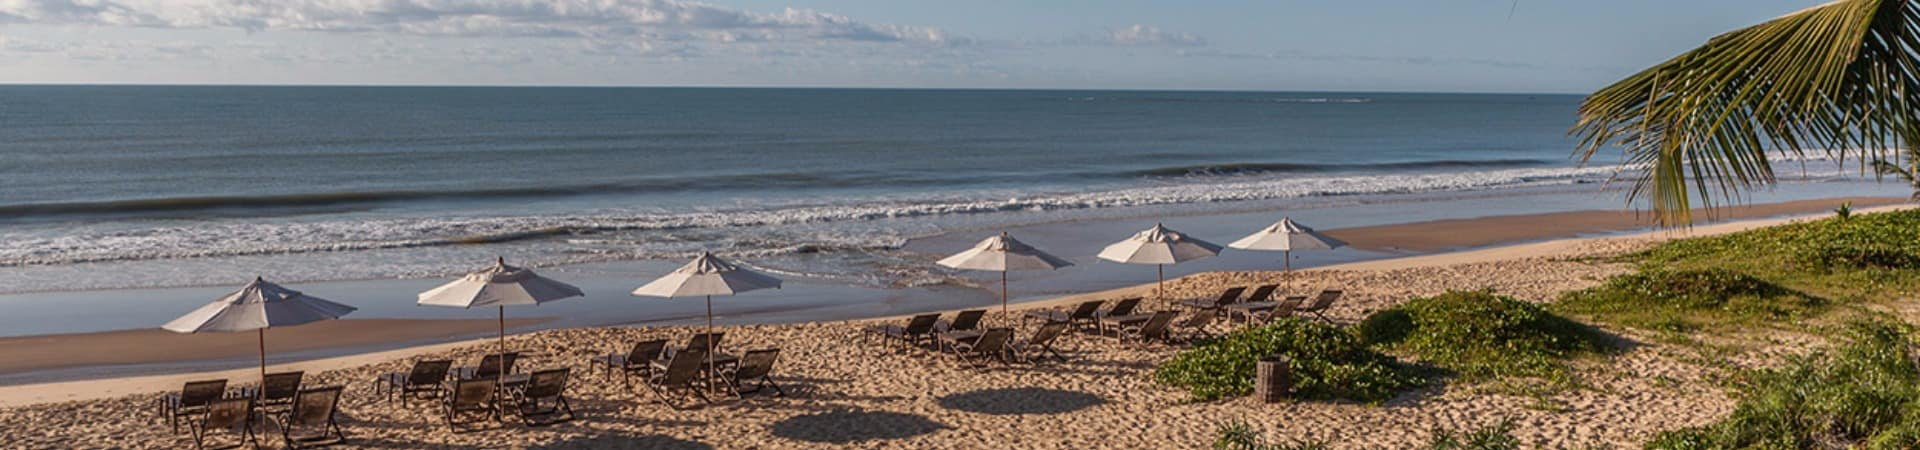 Pousda estrela dagua praia